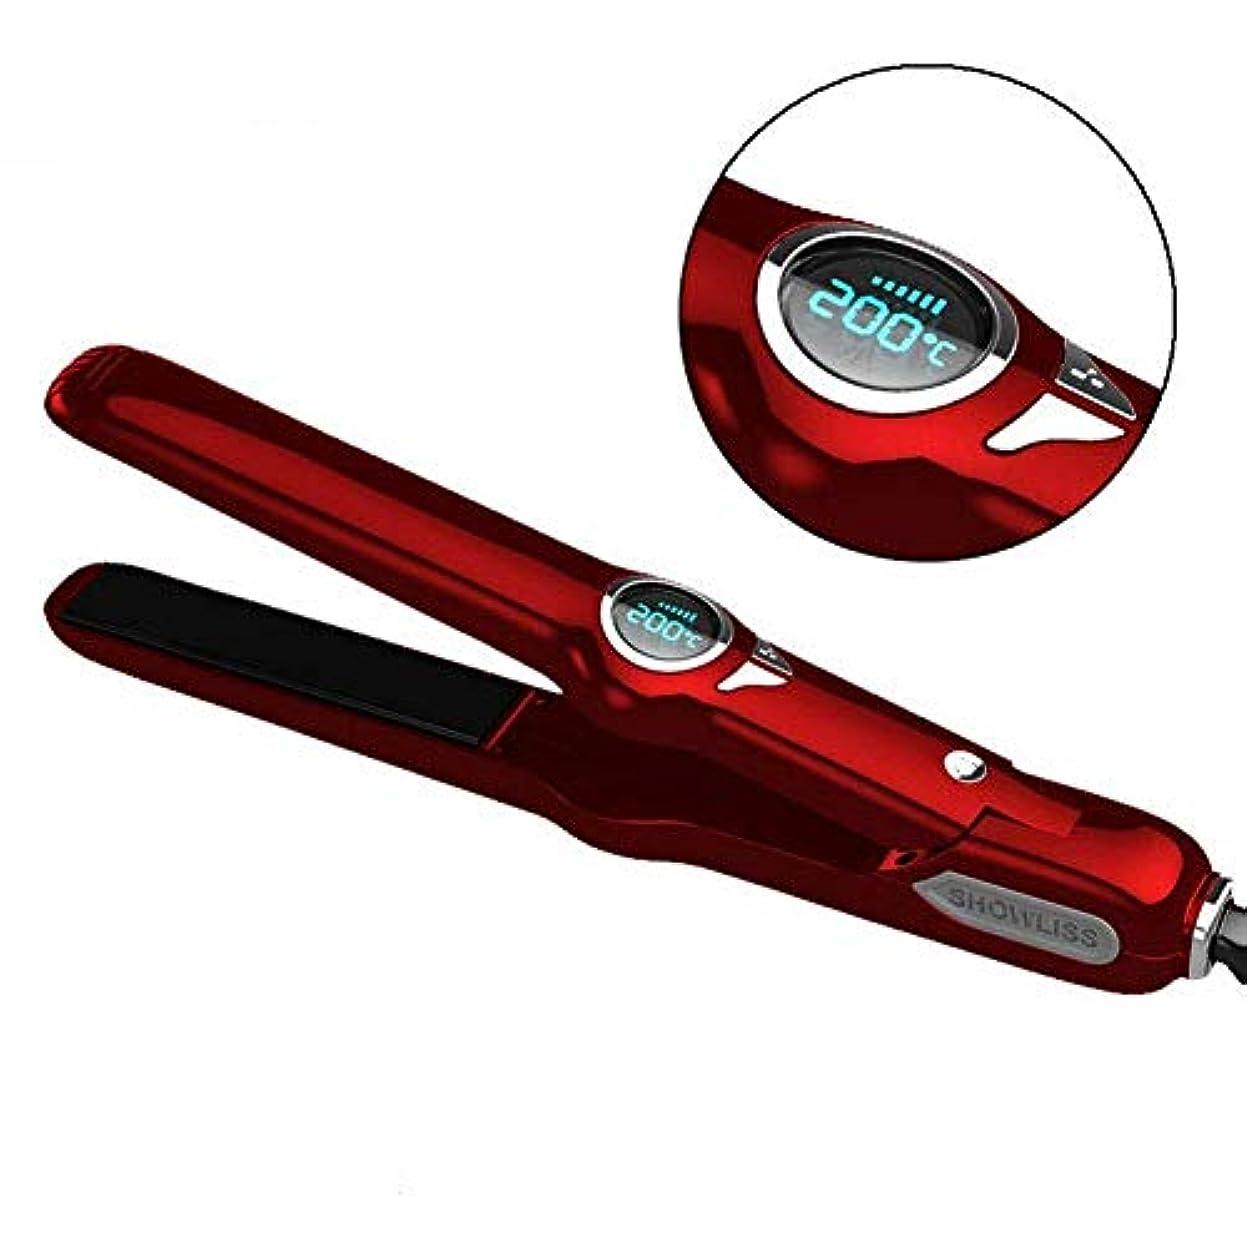 かみそりリズミカルな悪質なカールストレートヘアスタイリングLCDモニタ炭化物セラミックカールパーマロッド b1121 (Color : Red, Size : -)